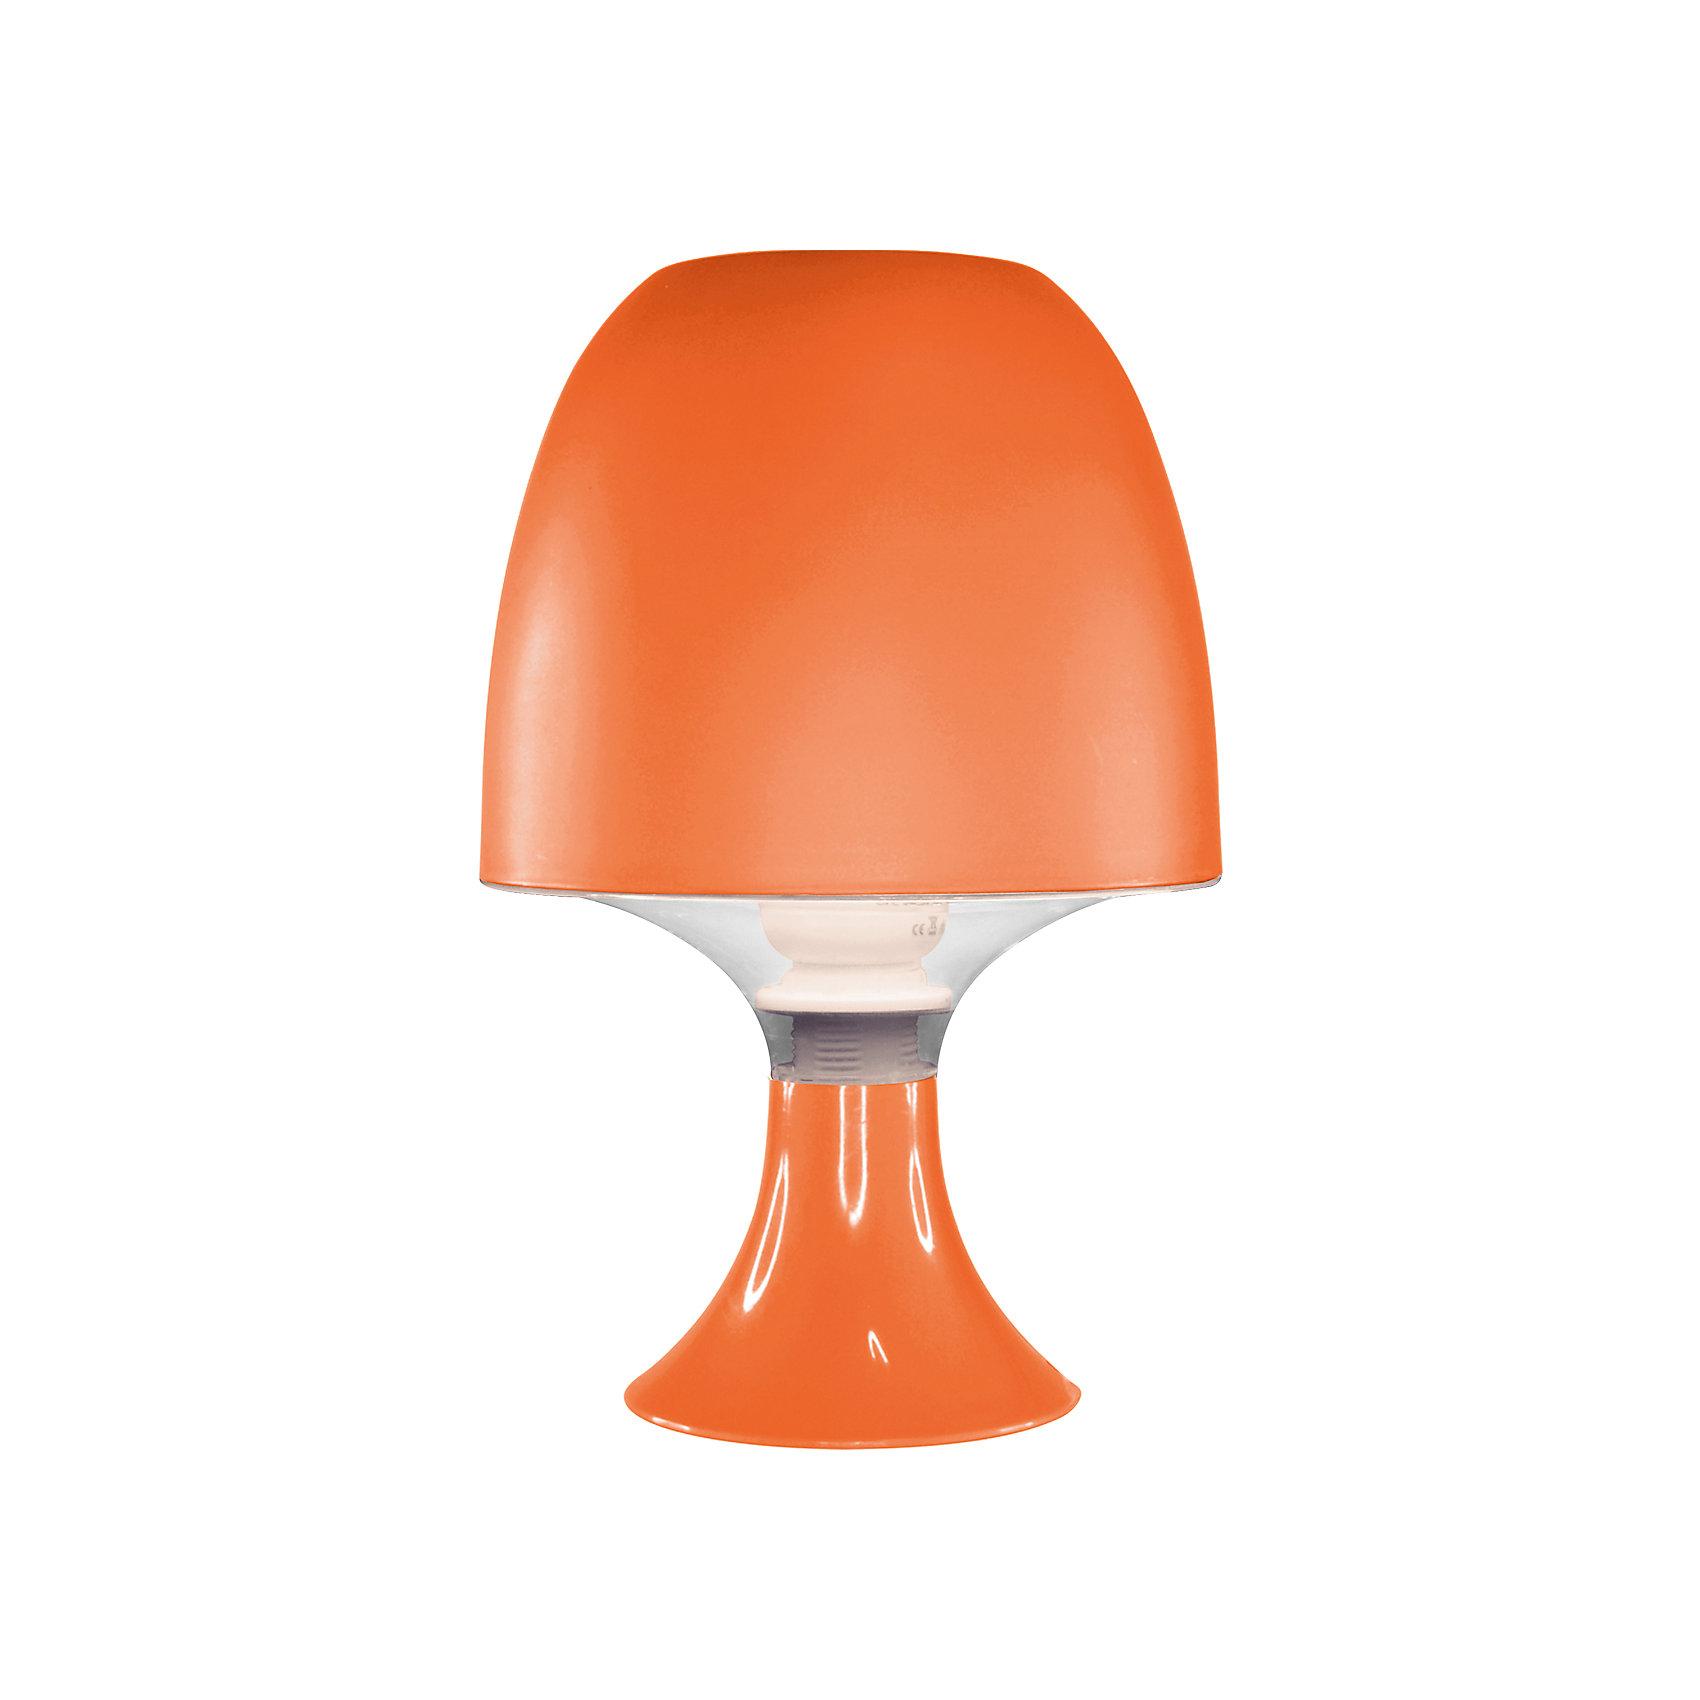 Ultra Light Настольный ночник КЛЛ 15Вт, Ultra Light, оранжевый ultra light ночник медведь зоо led 0 5вт ultra light зелёный